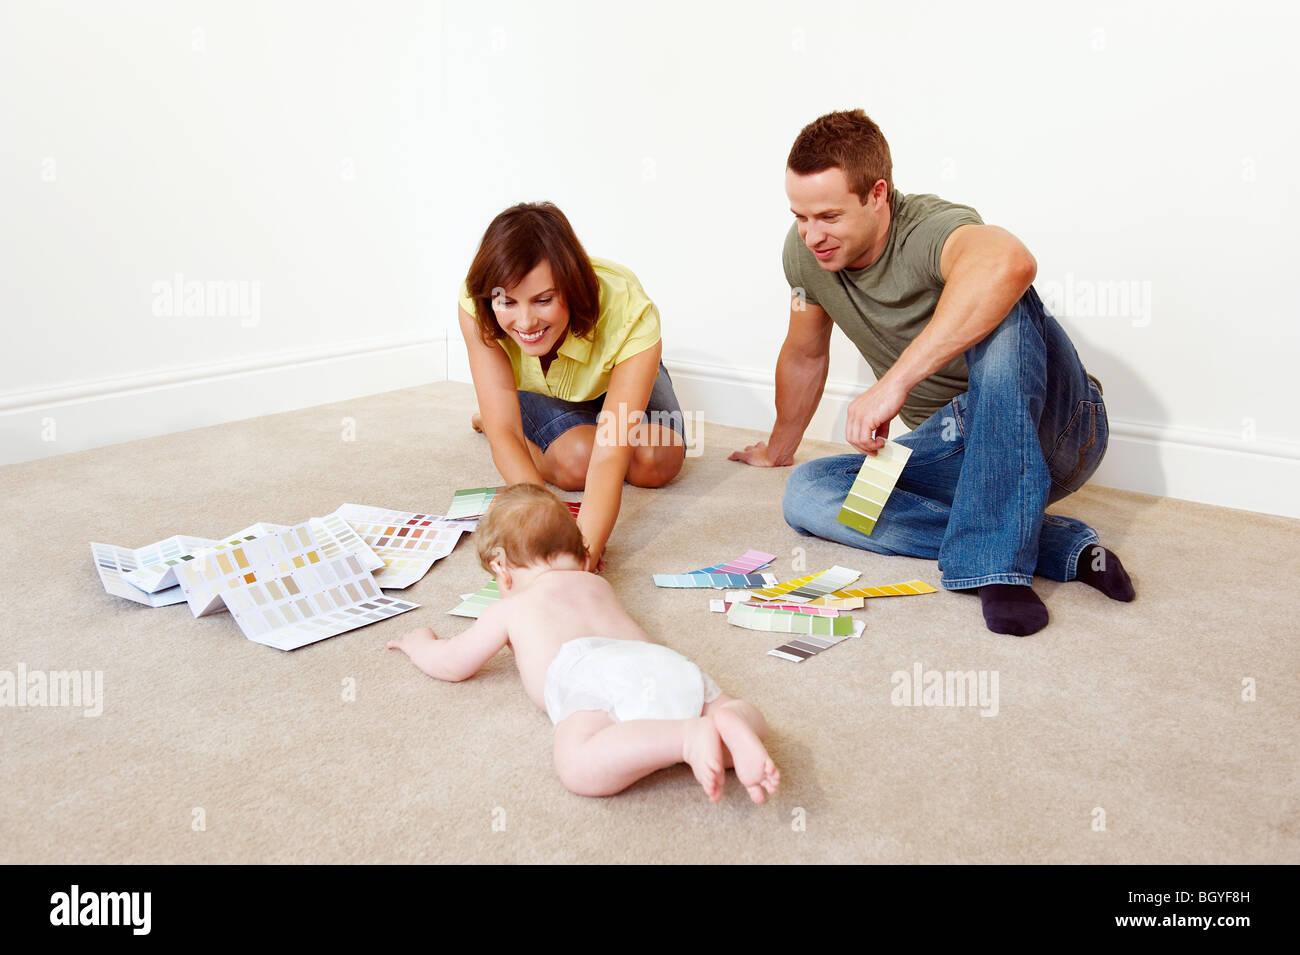 Junge Familie Stock mit Farbmuster Stockbild